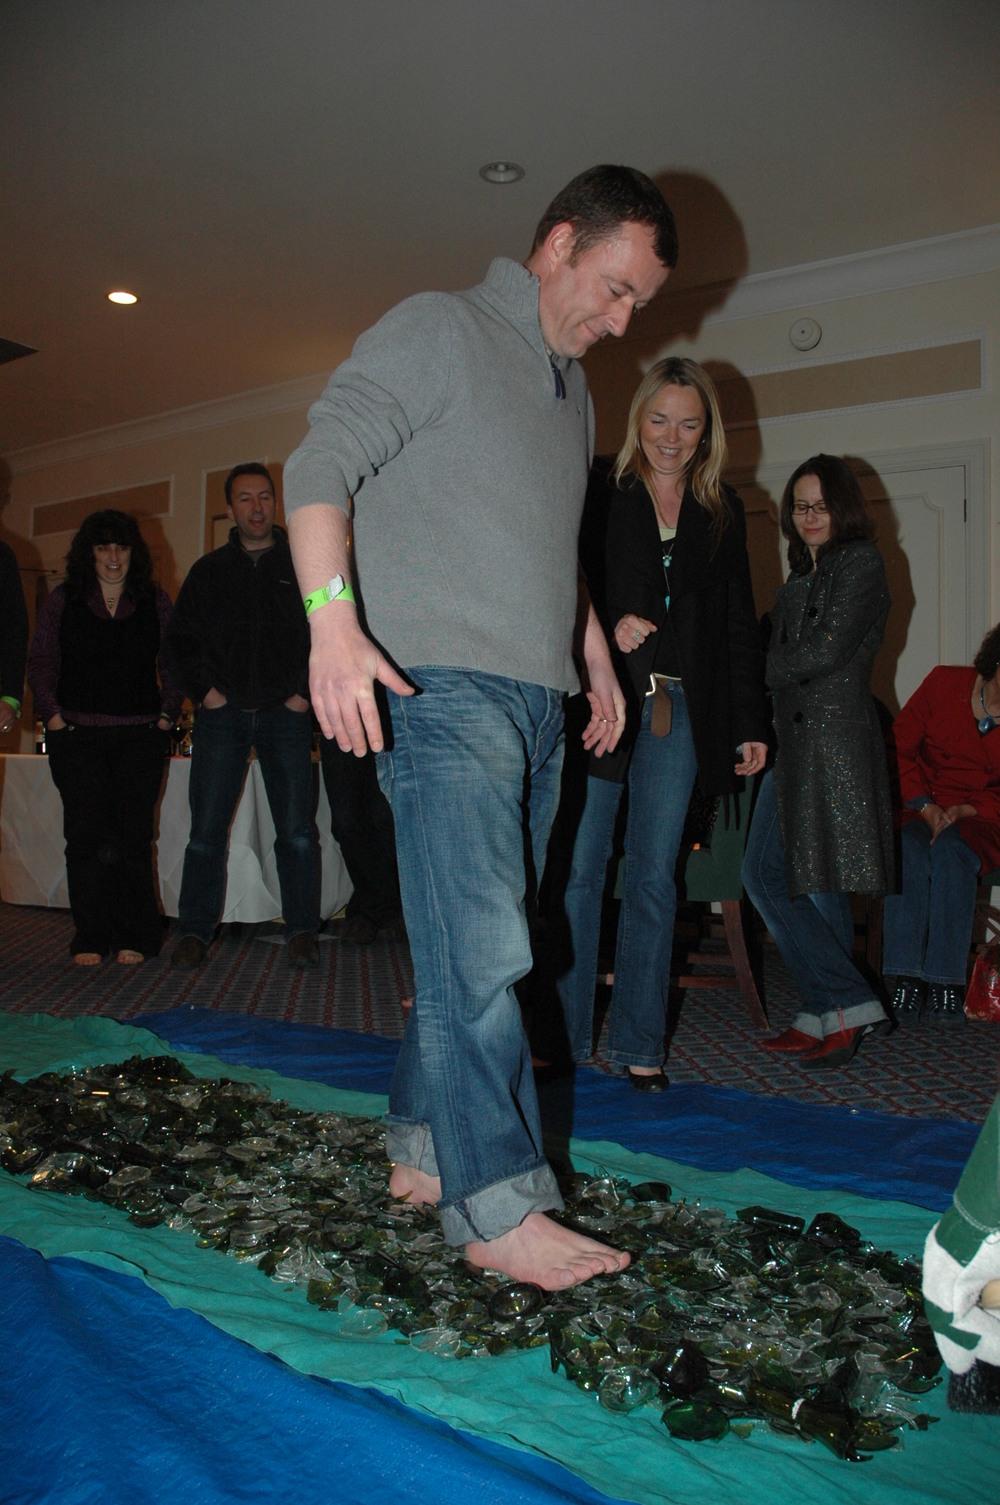 Repoussez vos limites en équipe avec la marche sur du verre brisé (glasswalk), encadrée par les magiciens professionnels du collectif les illusionnistes. Faites-le vraiment !